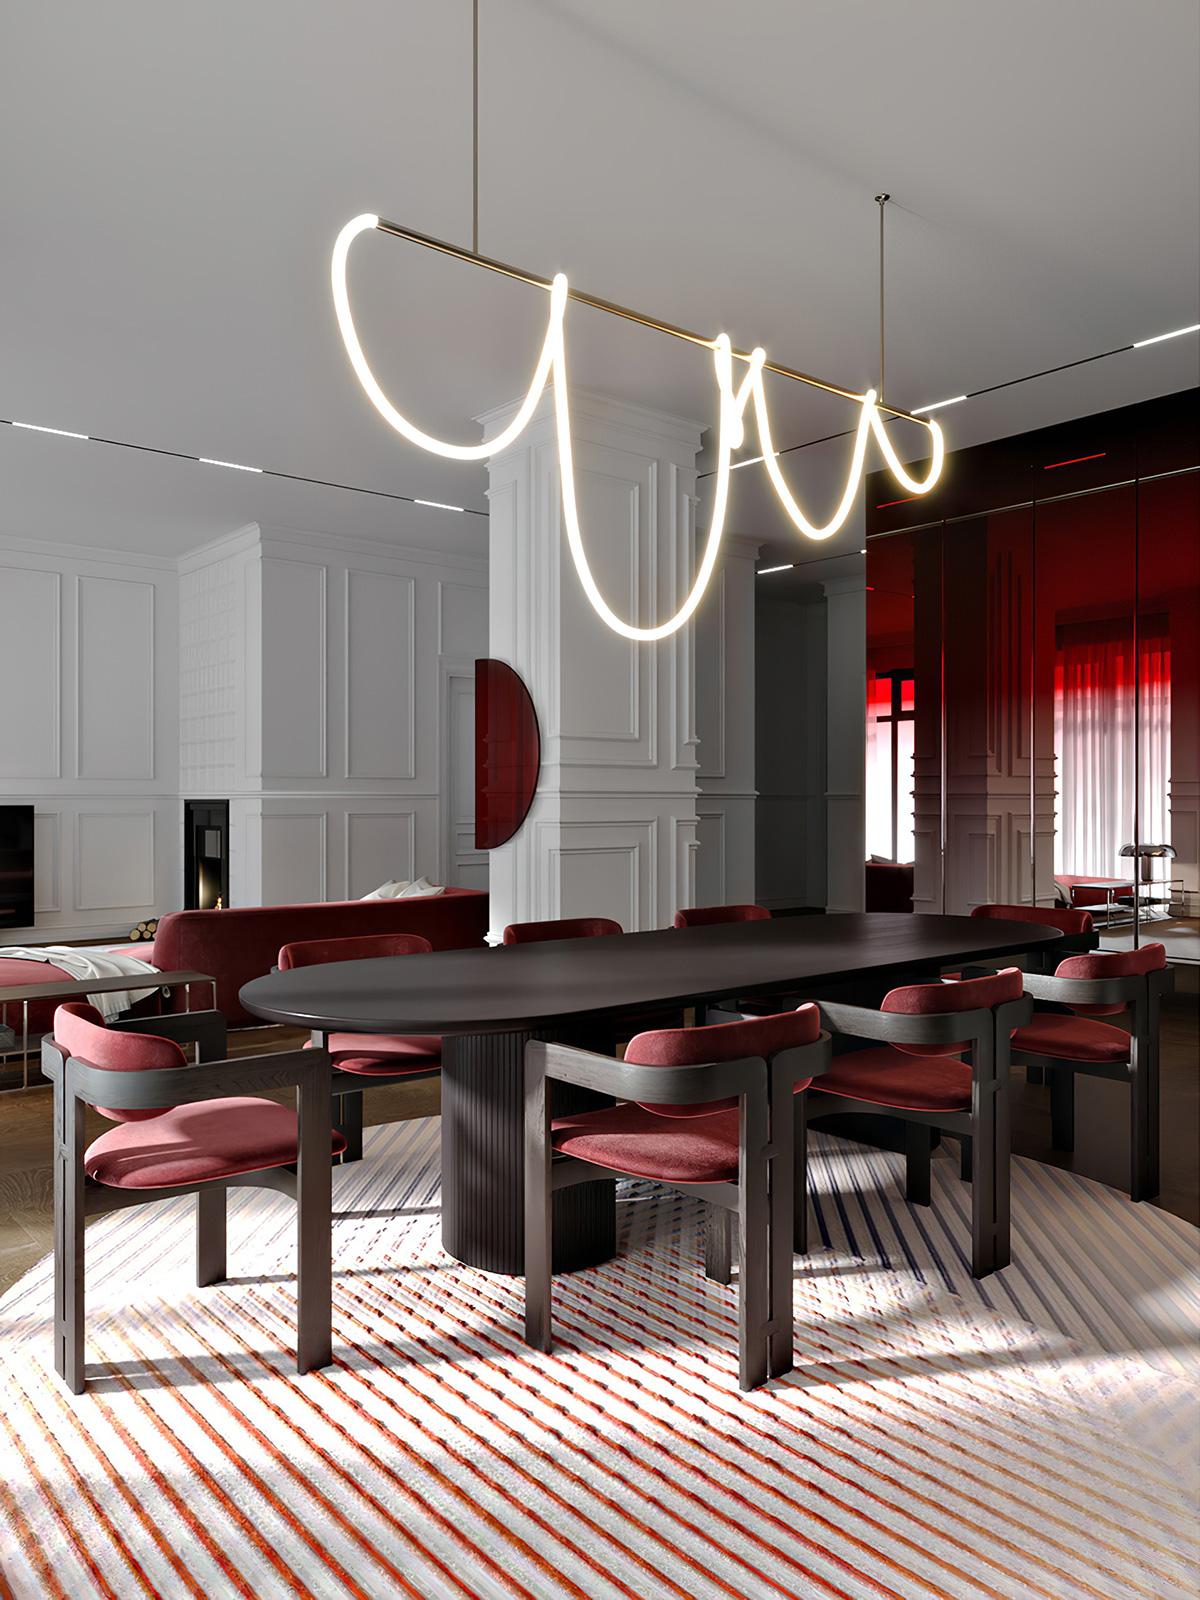 热情似火的红!50个红色系家居餐厅设计